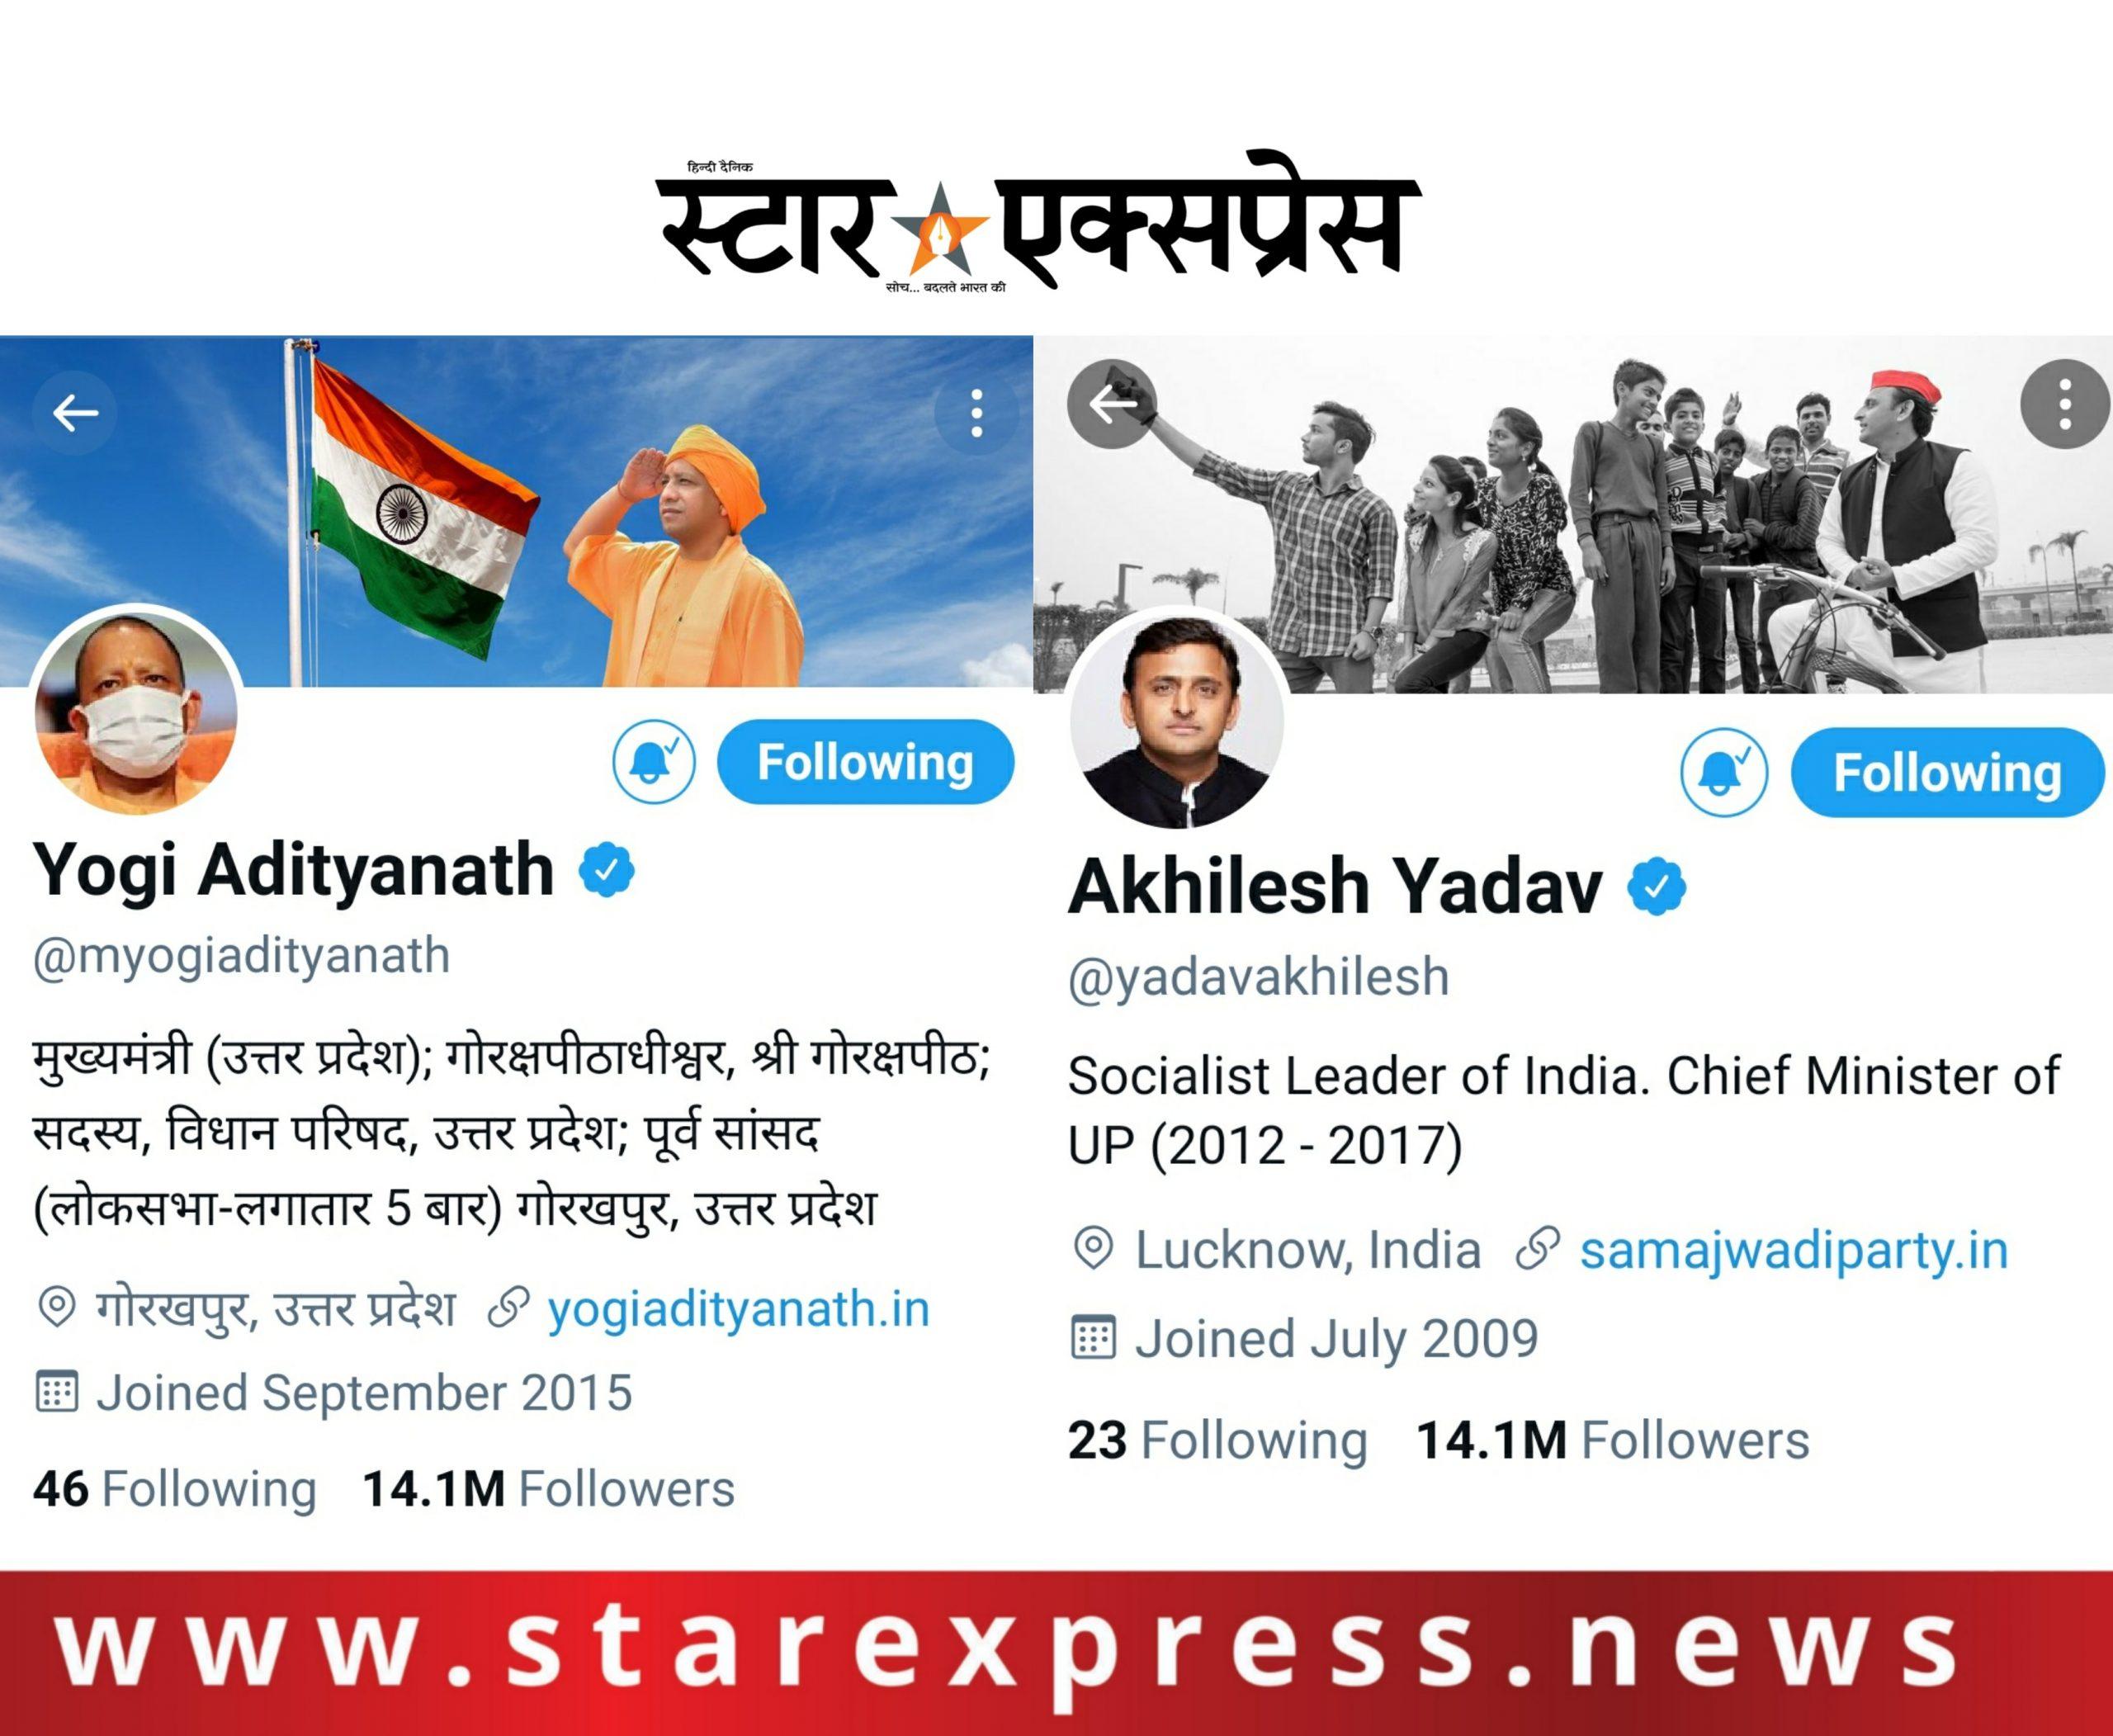 Photo of ट्विटर पर एक रोचक तथ्य: योगी आदित्यनाथ और अखिलेश यादव के फॉलोअर्स की संख्या बराबर